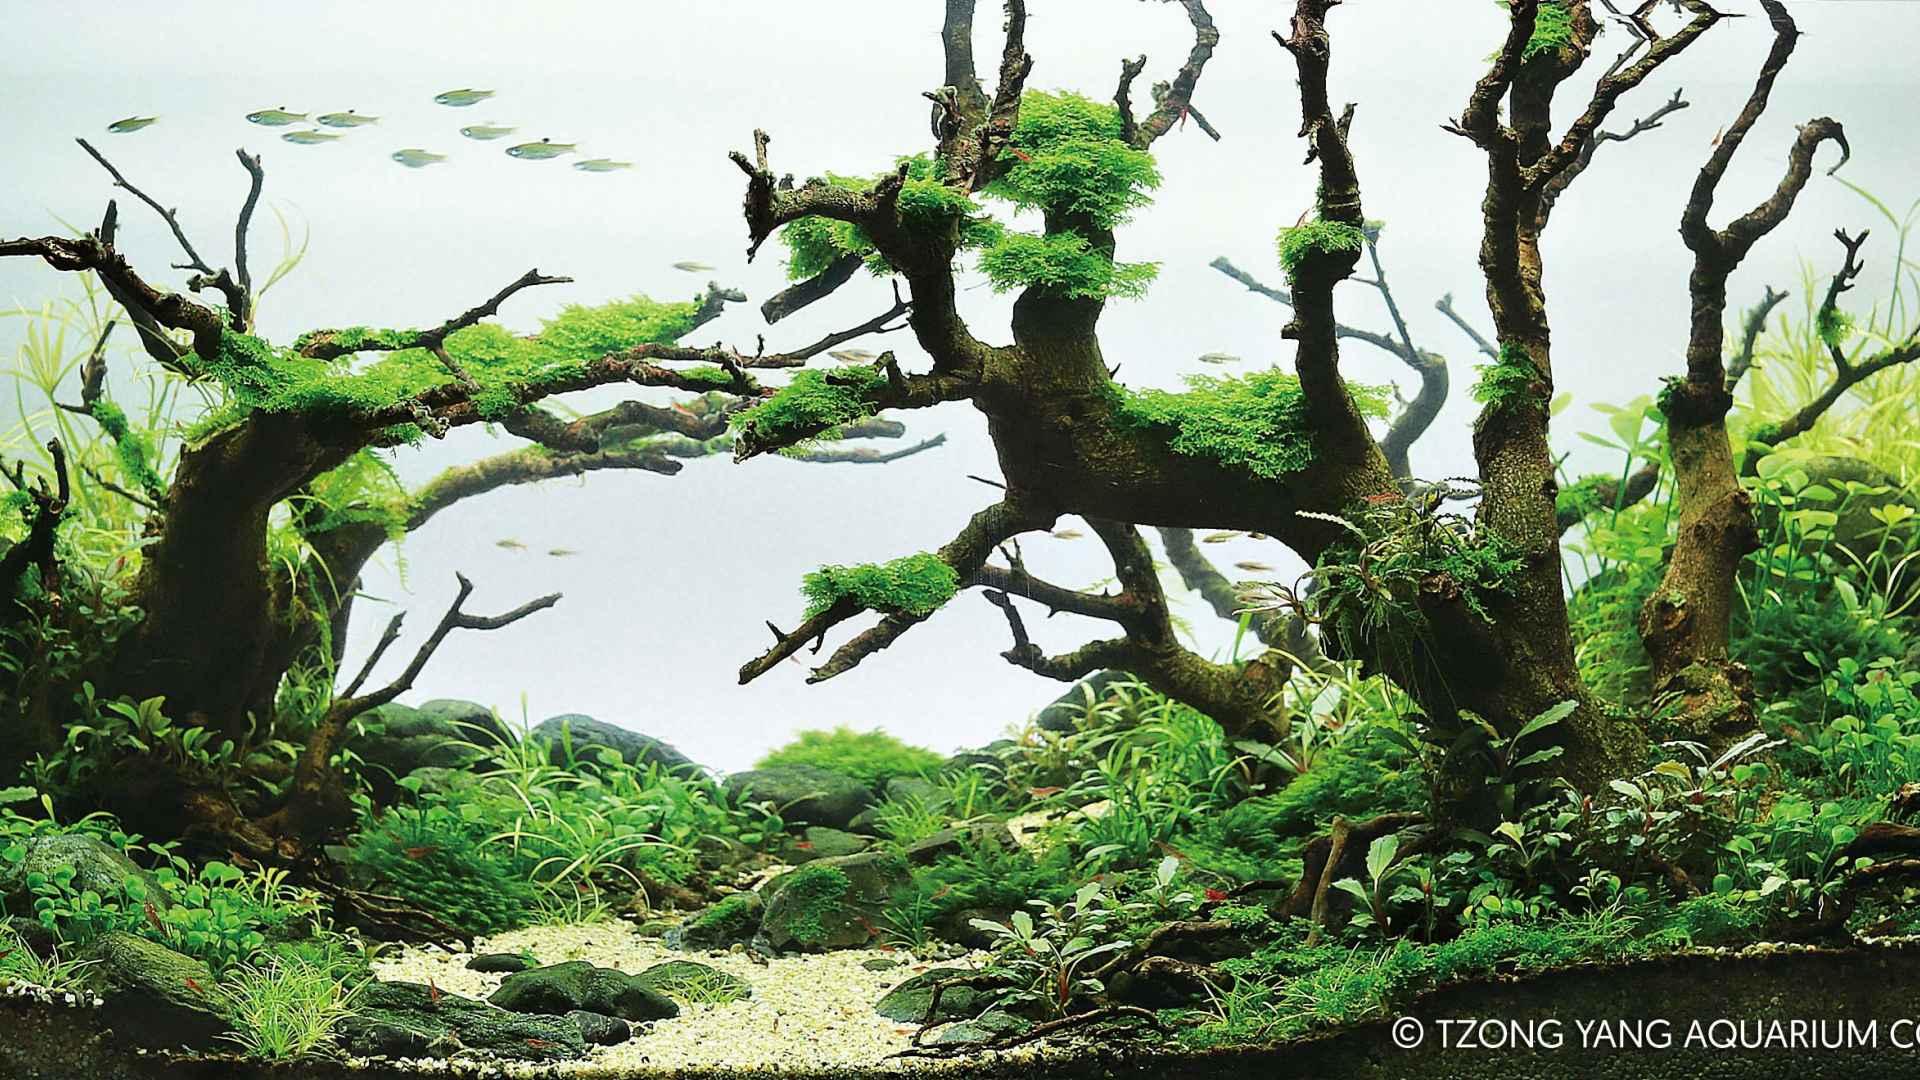 第56名 – 泰国 – Jirawong Laopiyasakul – Wicked Witch Forest – 60L ~ 120L